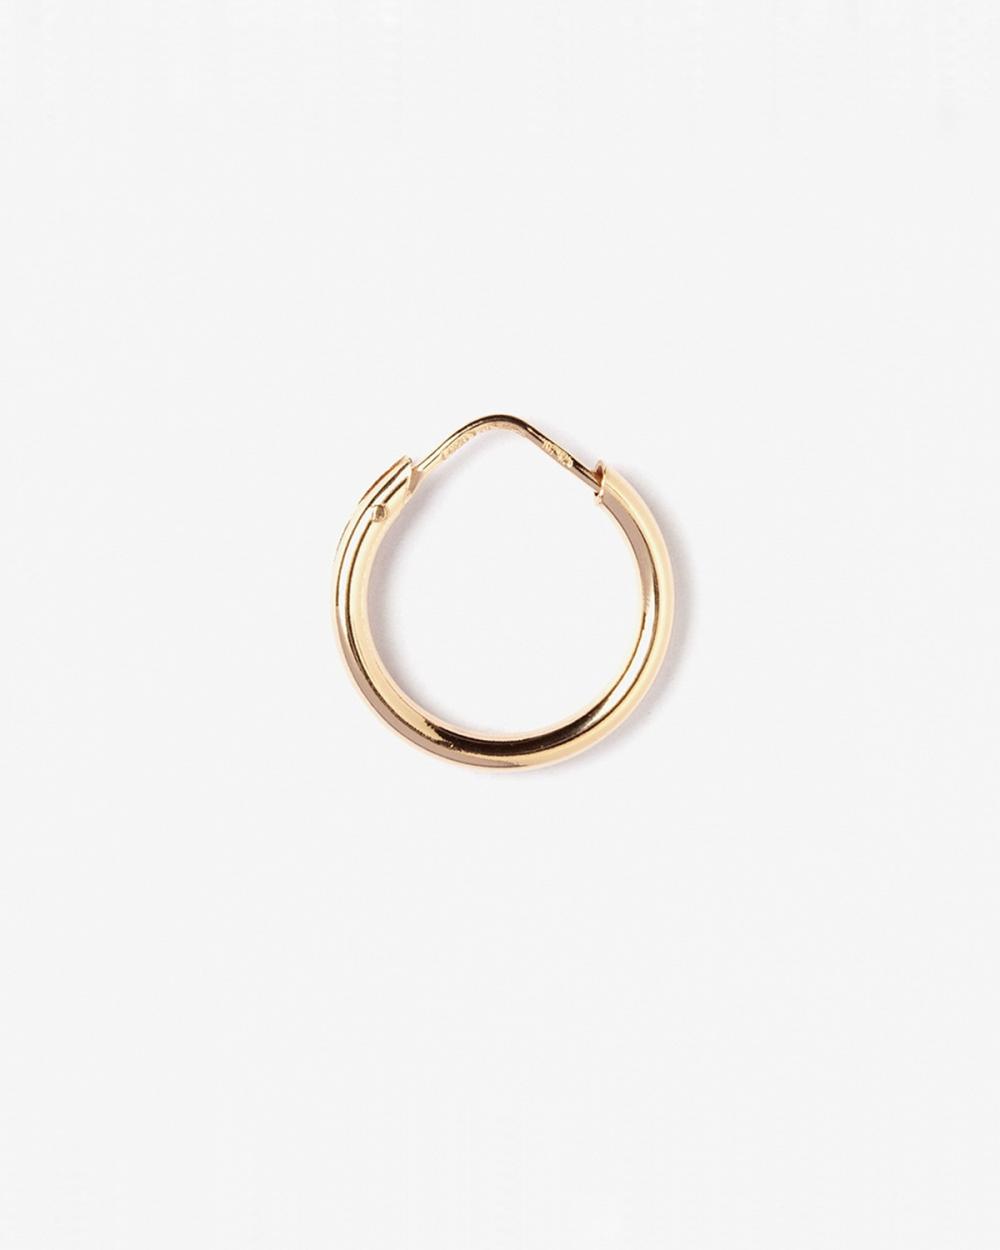 orecchino singolo cerchio impernato filo tondo 25 15mm oro rosa lucido